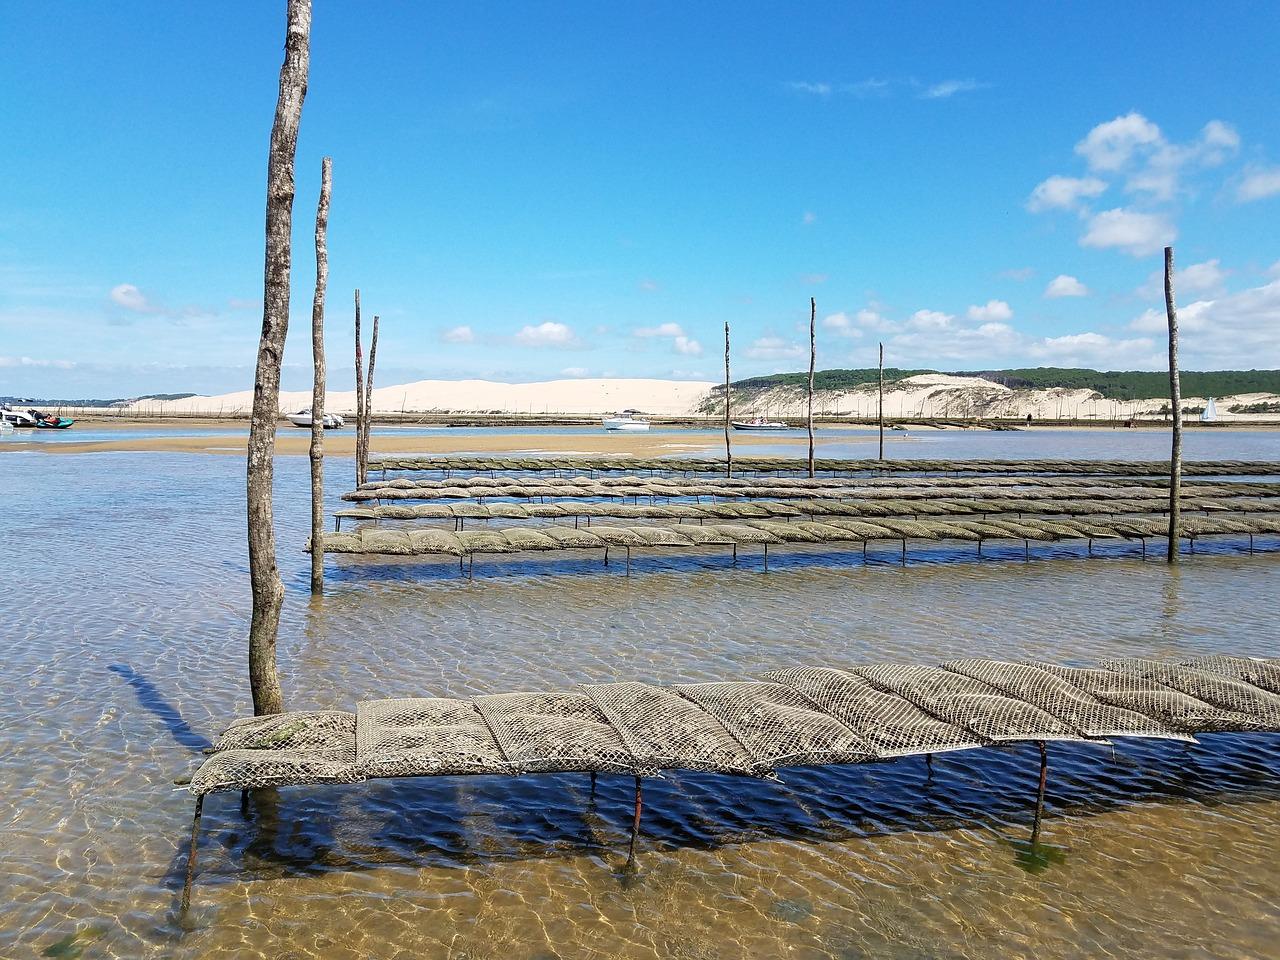 Parc à huîtres en Gironde